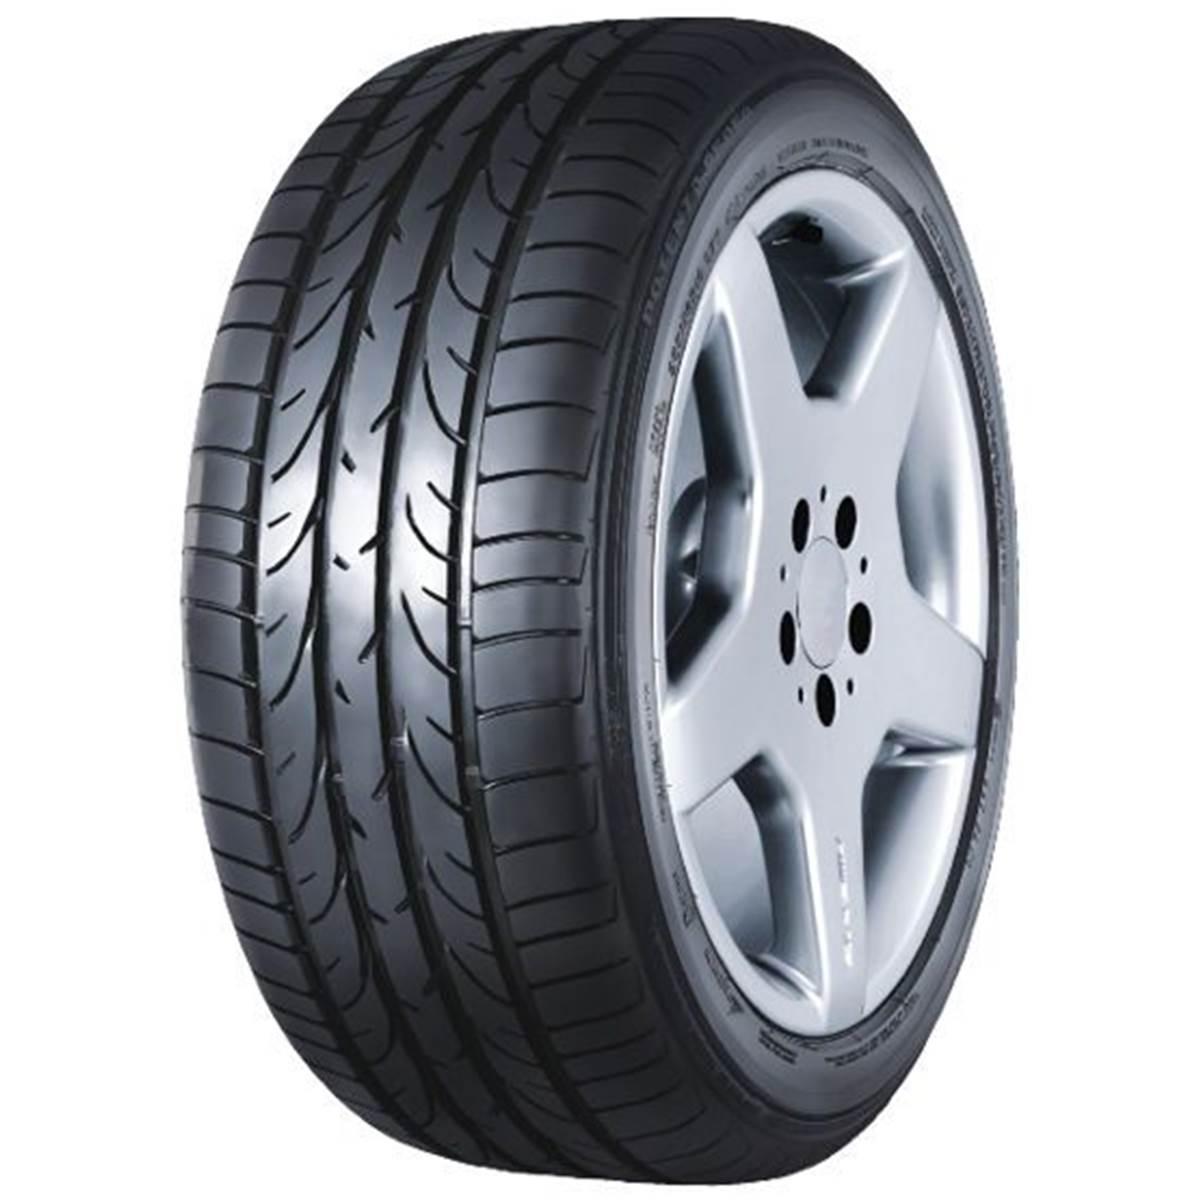 Pneu Bridgestone 245/45R18 96Y Potenza Re050 homologué Mercedes